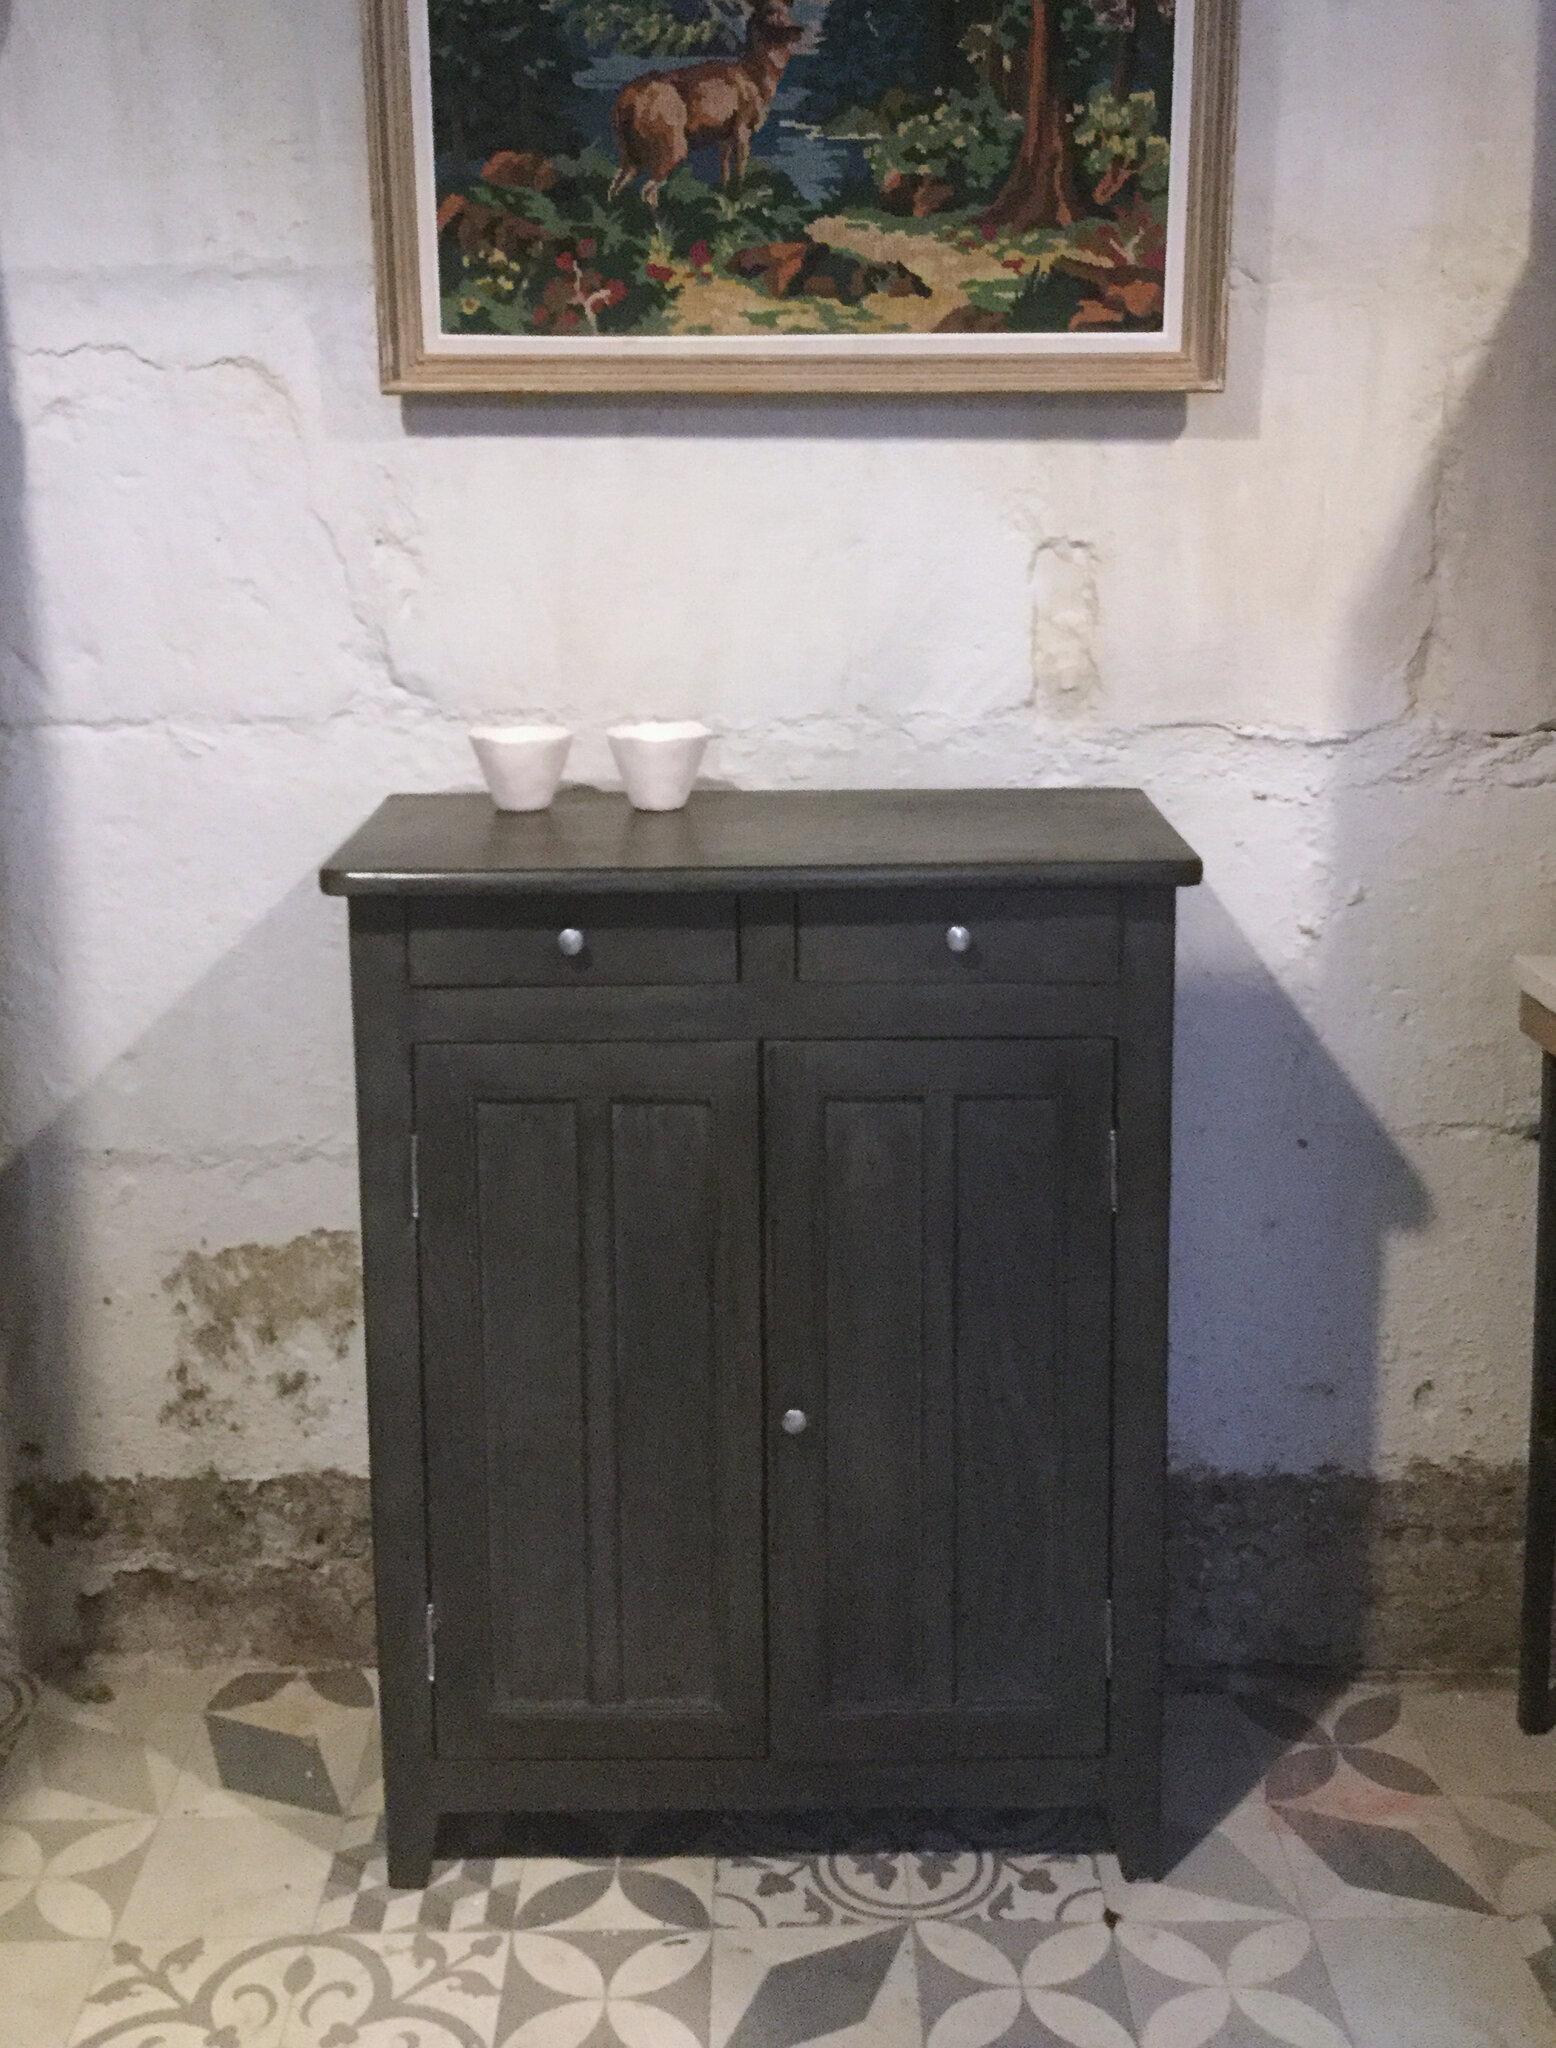 Banaborose reinventeur de meubles et objets chin s - Cire blanche pour meuble ...